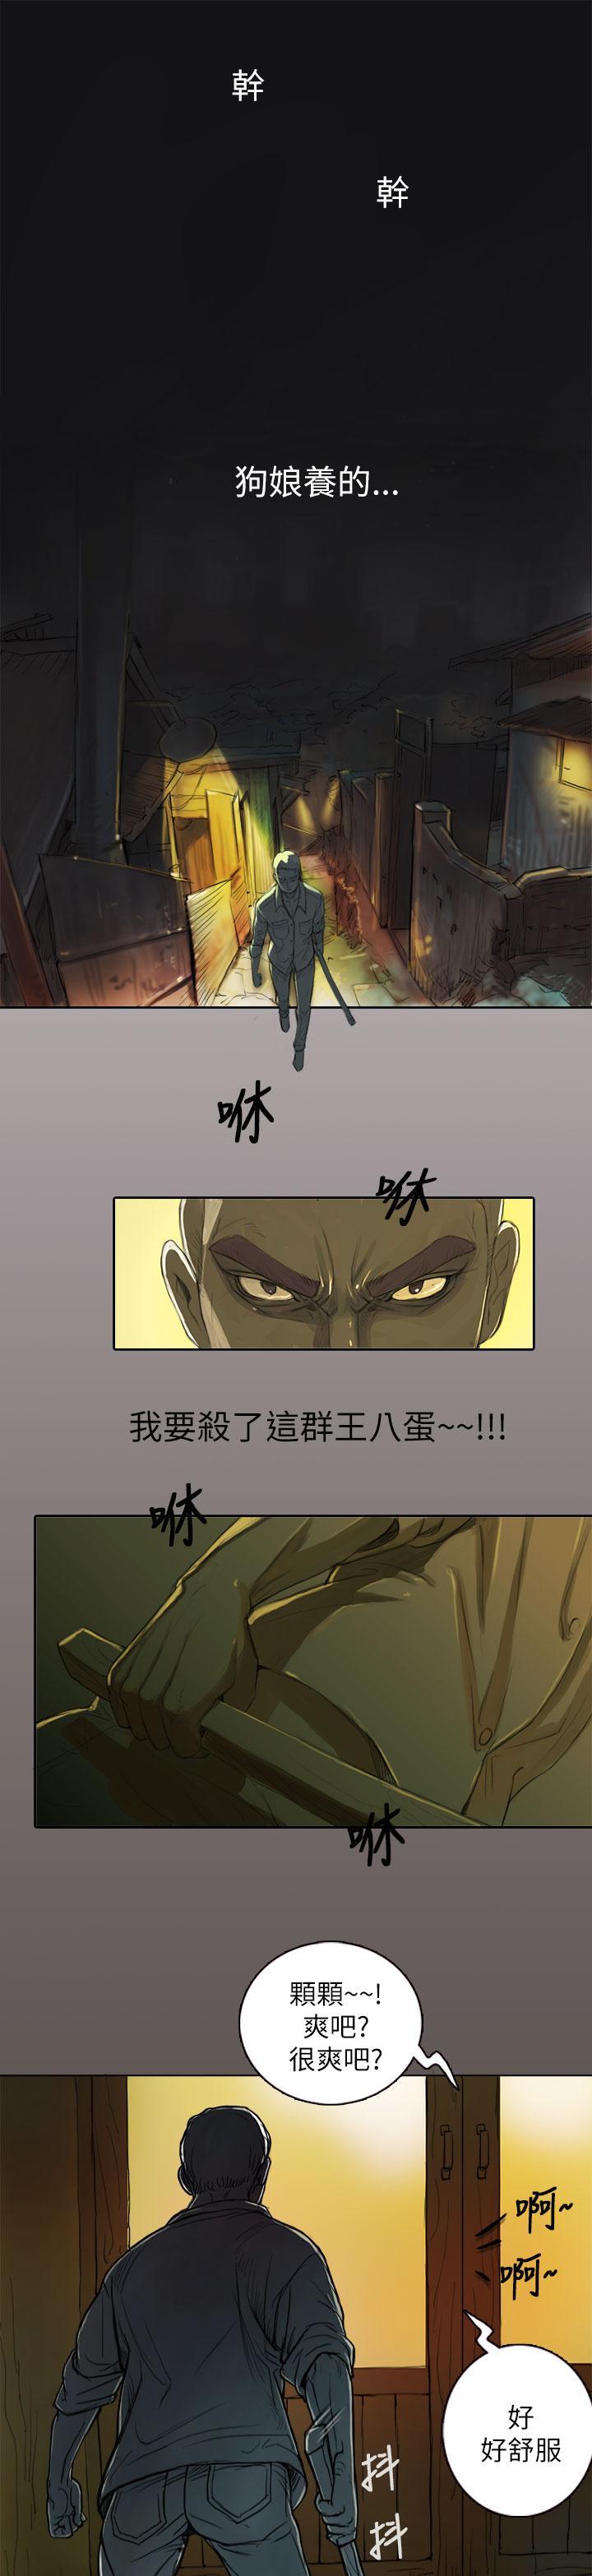 姊姊: 莲 第1~10話 [Chinese]中文 1